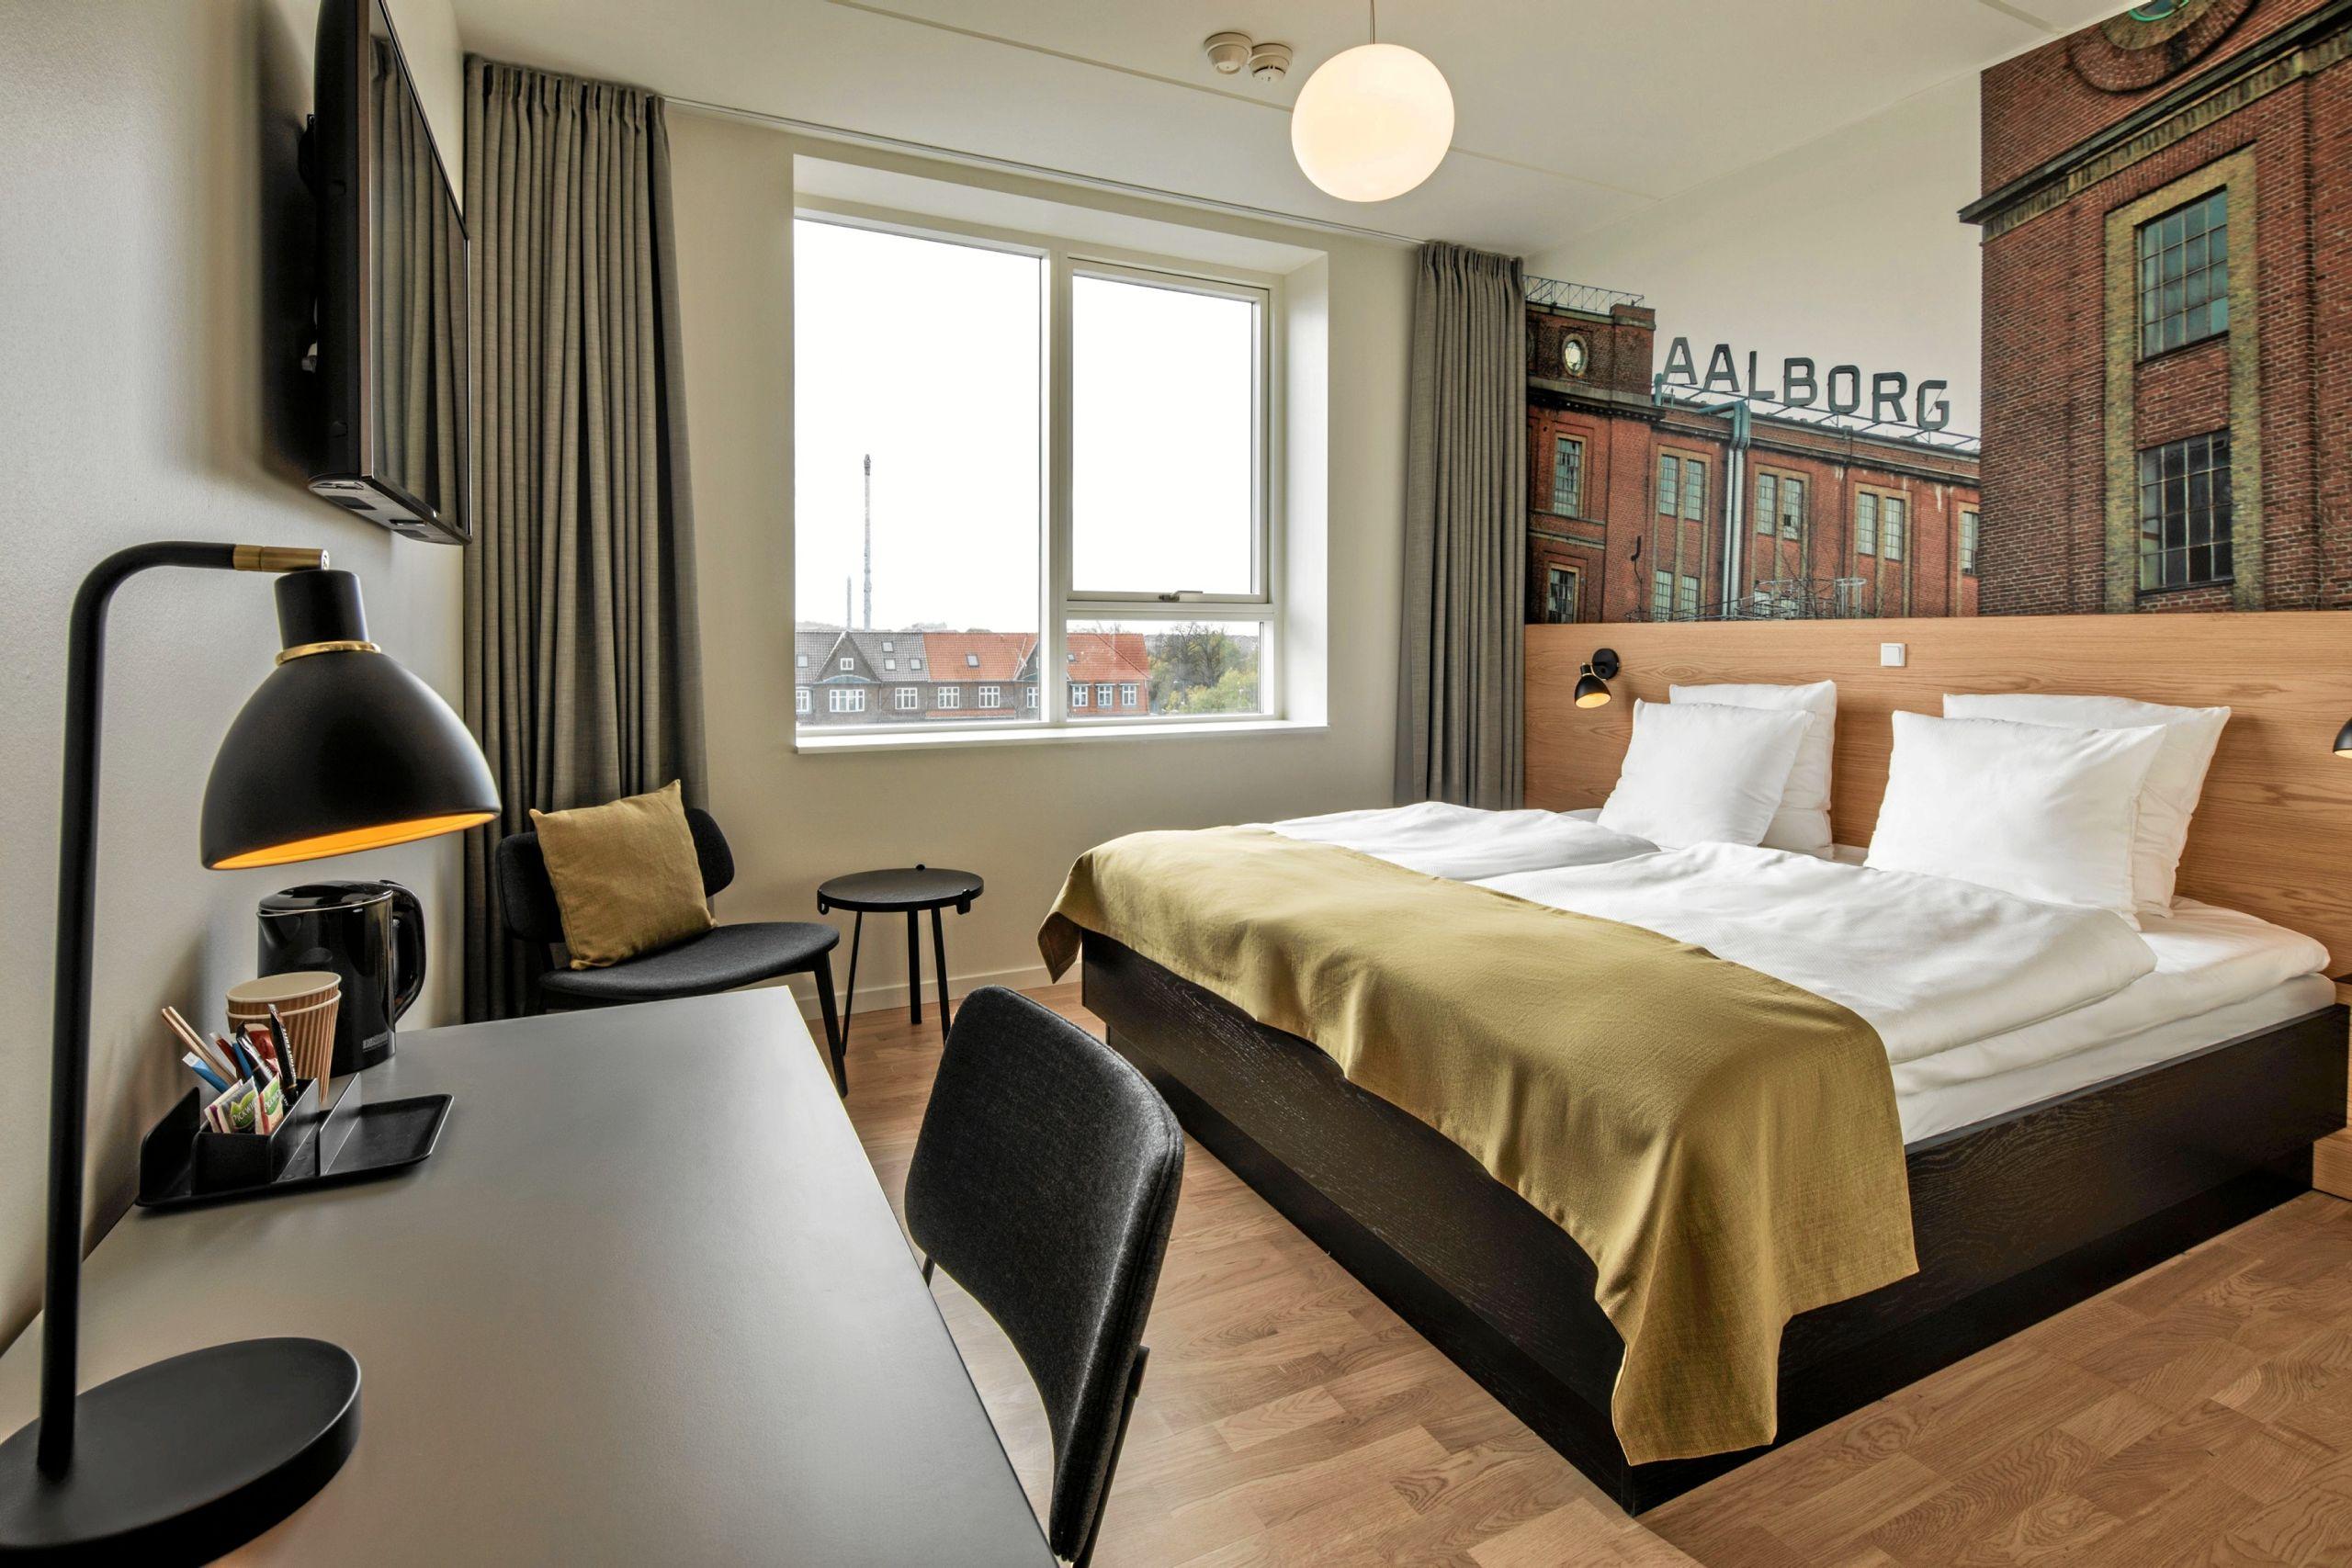 Værelseskapaciteten er blevet fordoblet, og man udvider fra 55 værelser til ikke færre end 110 fordelt på 24 enkeltværelser og 86 dobbeltværelser. Privatfoto